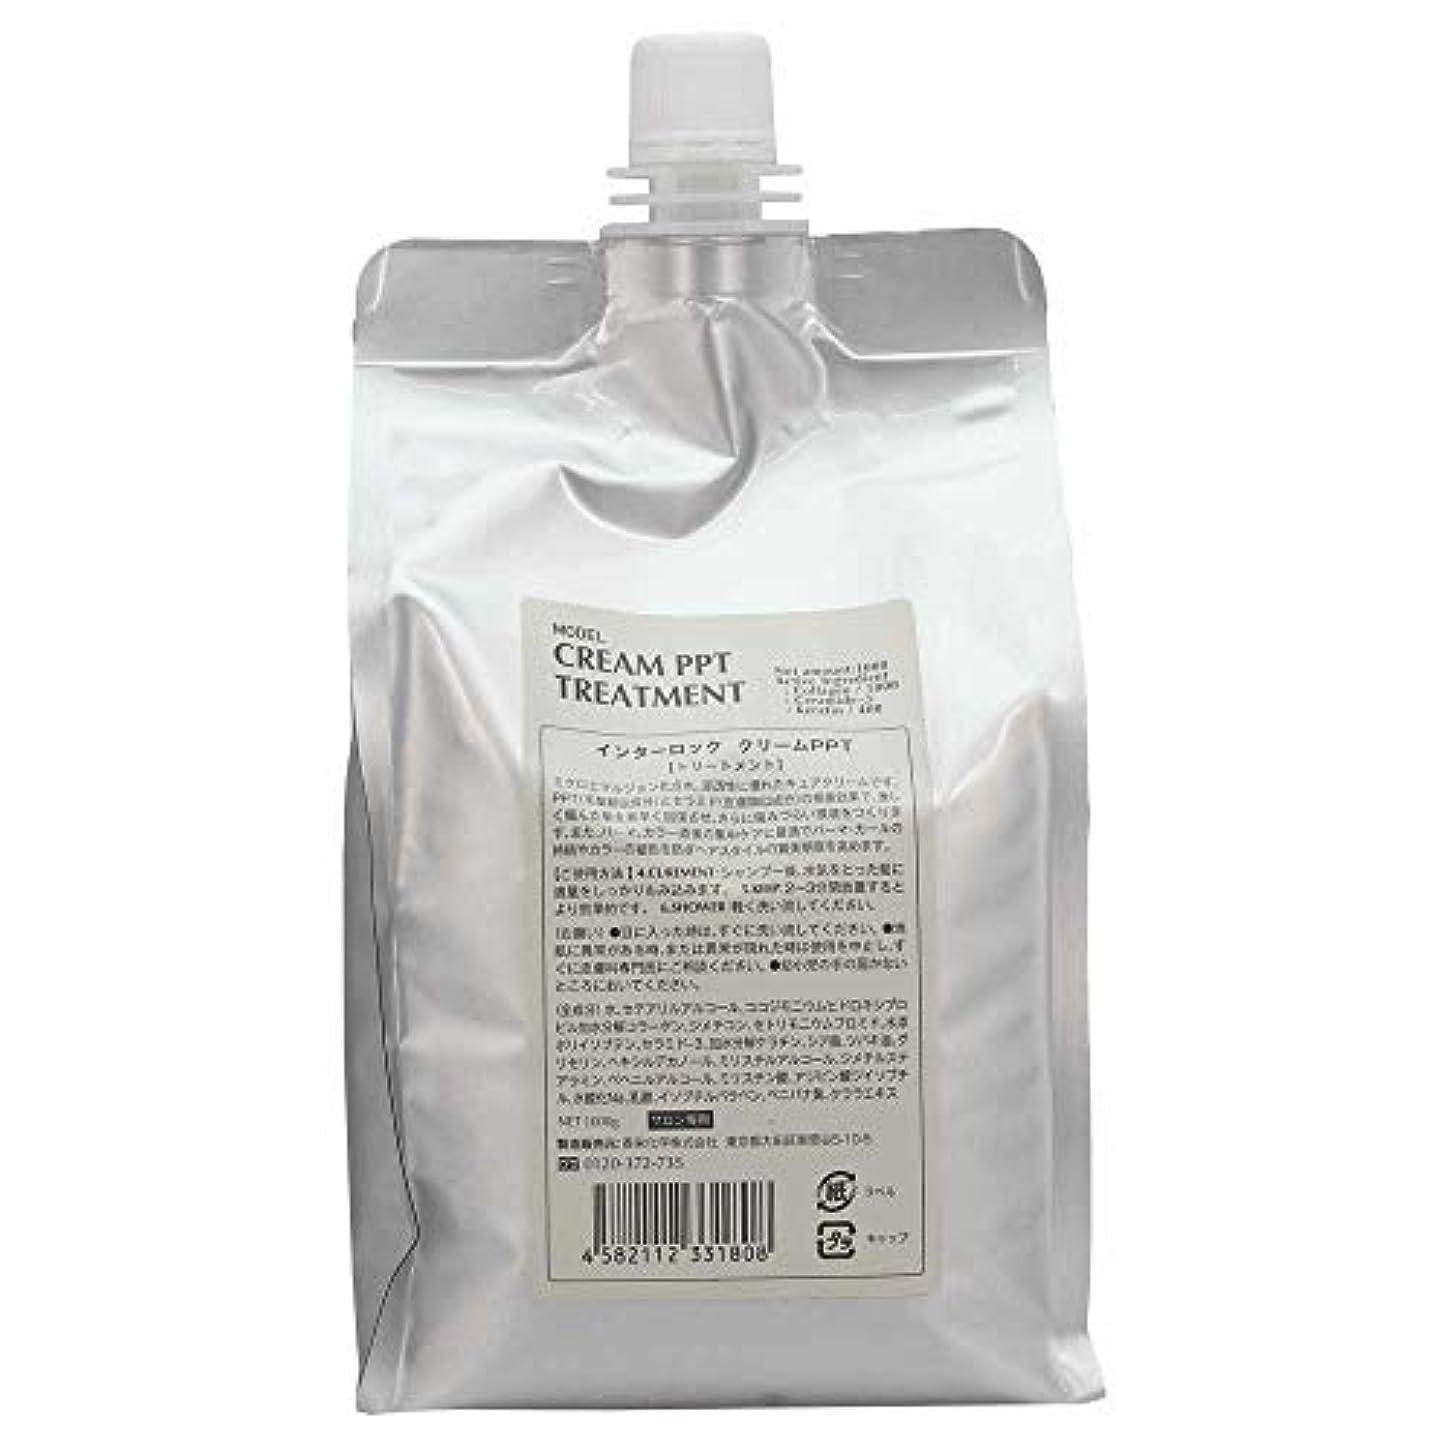 懇願する環境に優しい負担香栄化学 クリームPPT トリートメント レフィル 1000g